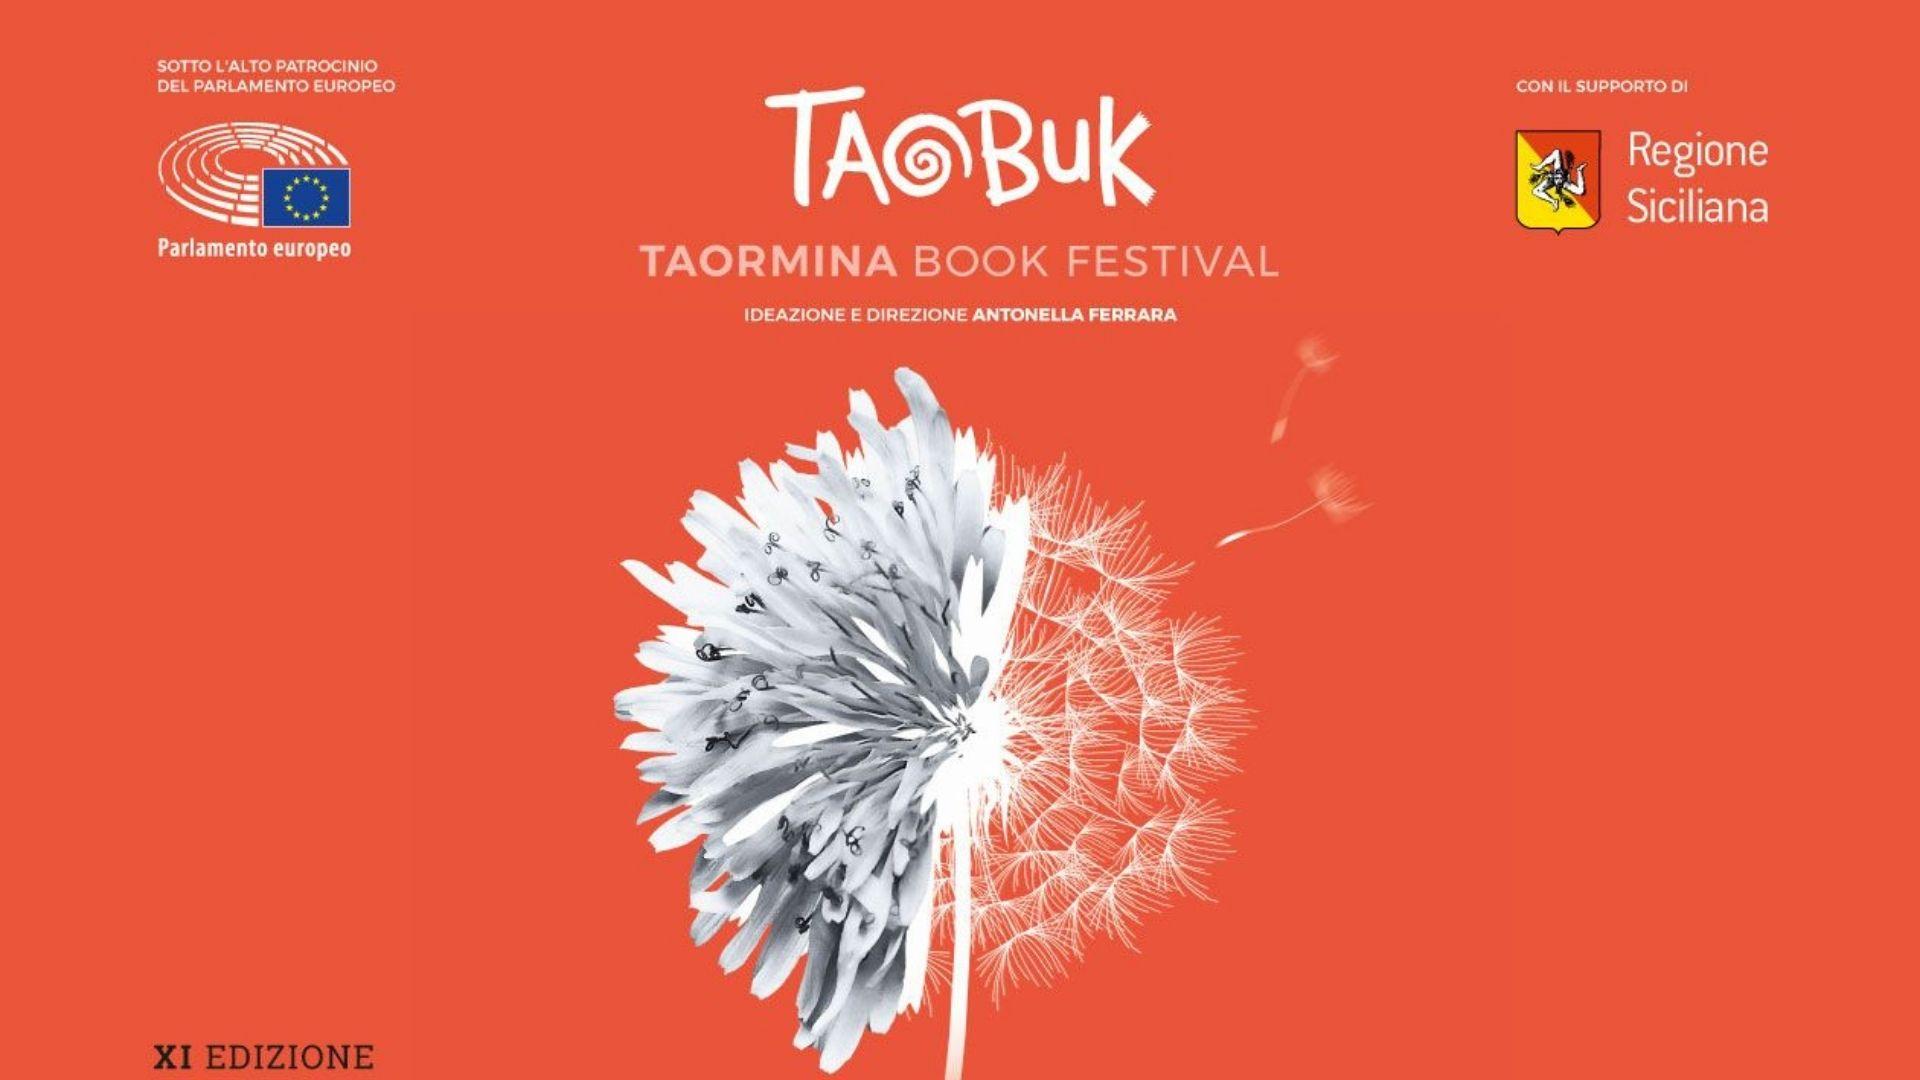 Festival: a Taobuk 2021 oltre 200 ospiti internazionali per raccontare le